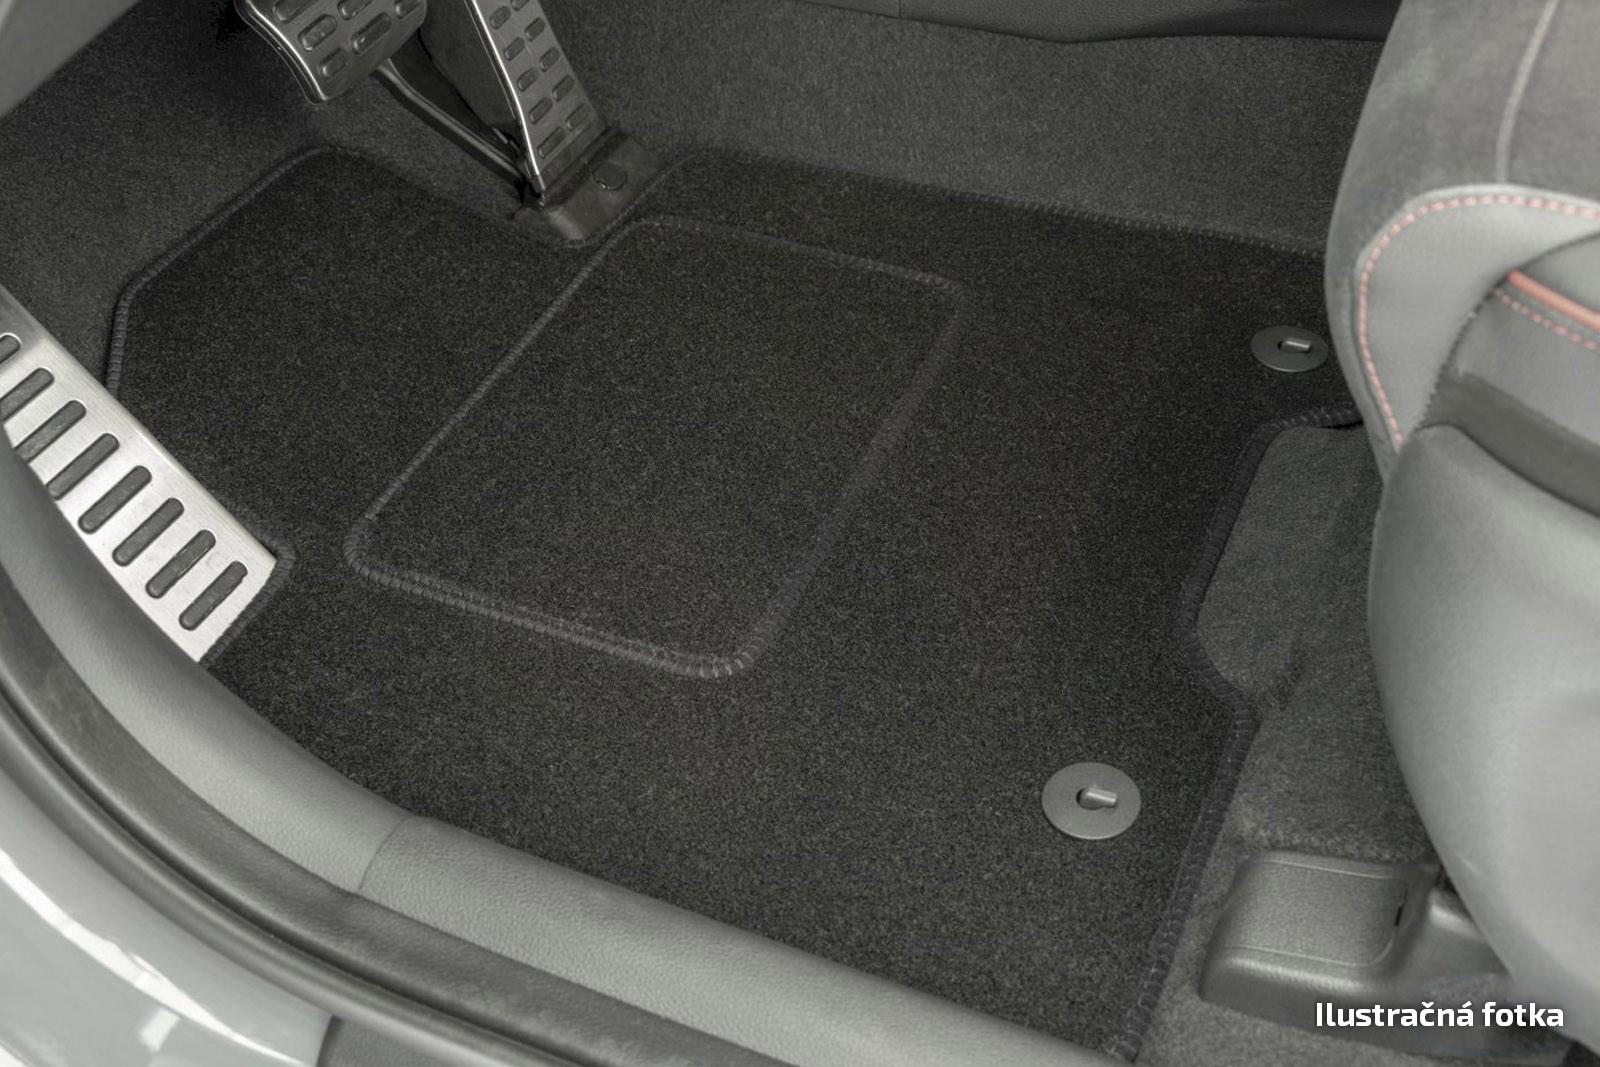 Poza cu Covorase din velur, Hyundai Terracan, 2001-2007